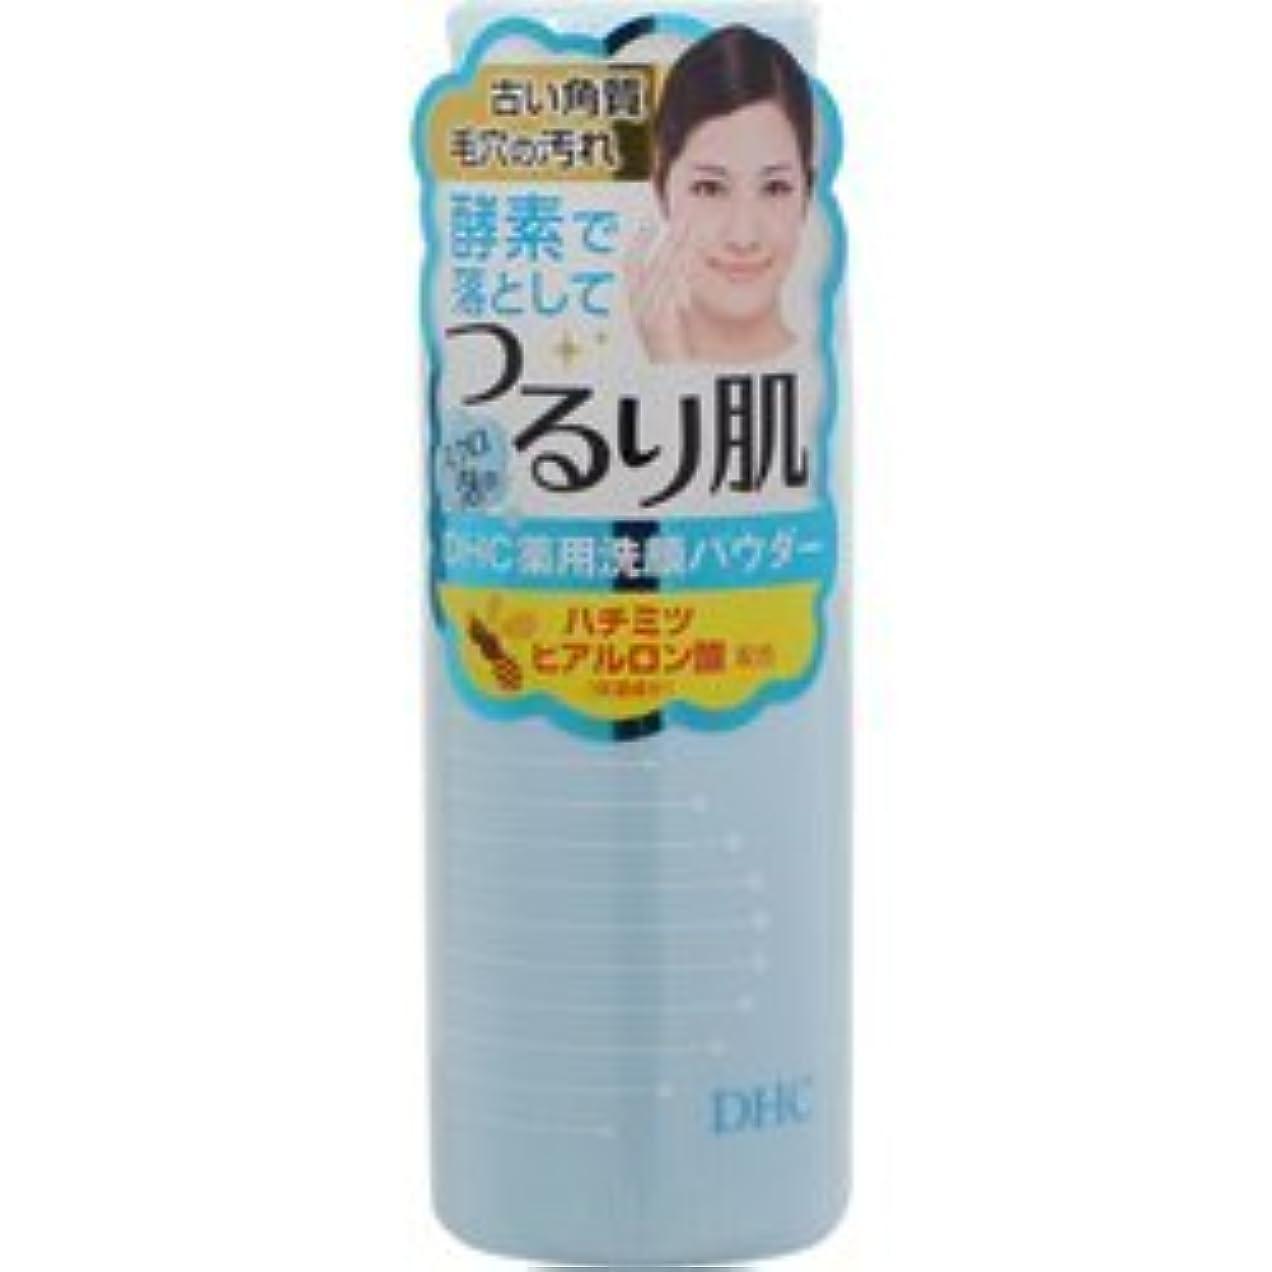 解凍する、雪解け、霜解けガチョウむさぼり食う【DHC】薬用洗顔パウダーSS 50g ×5個セット